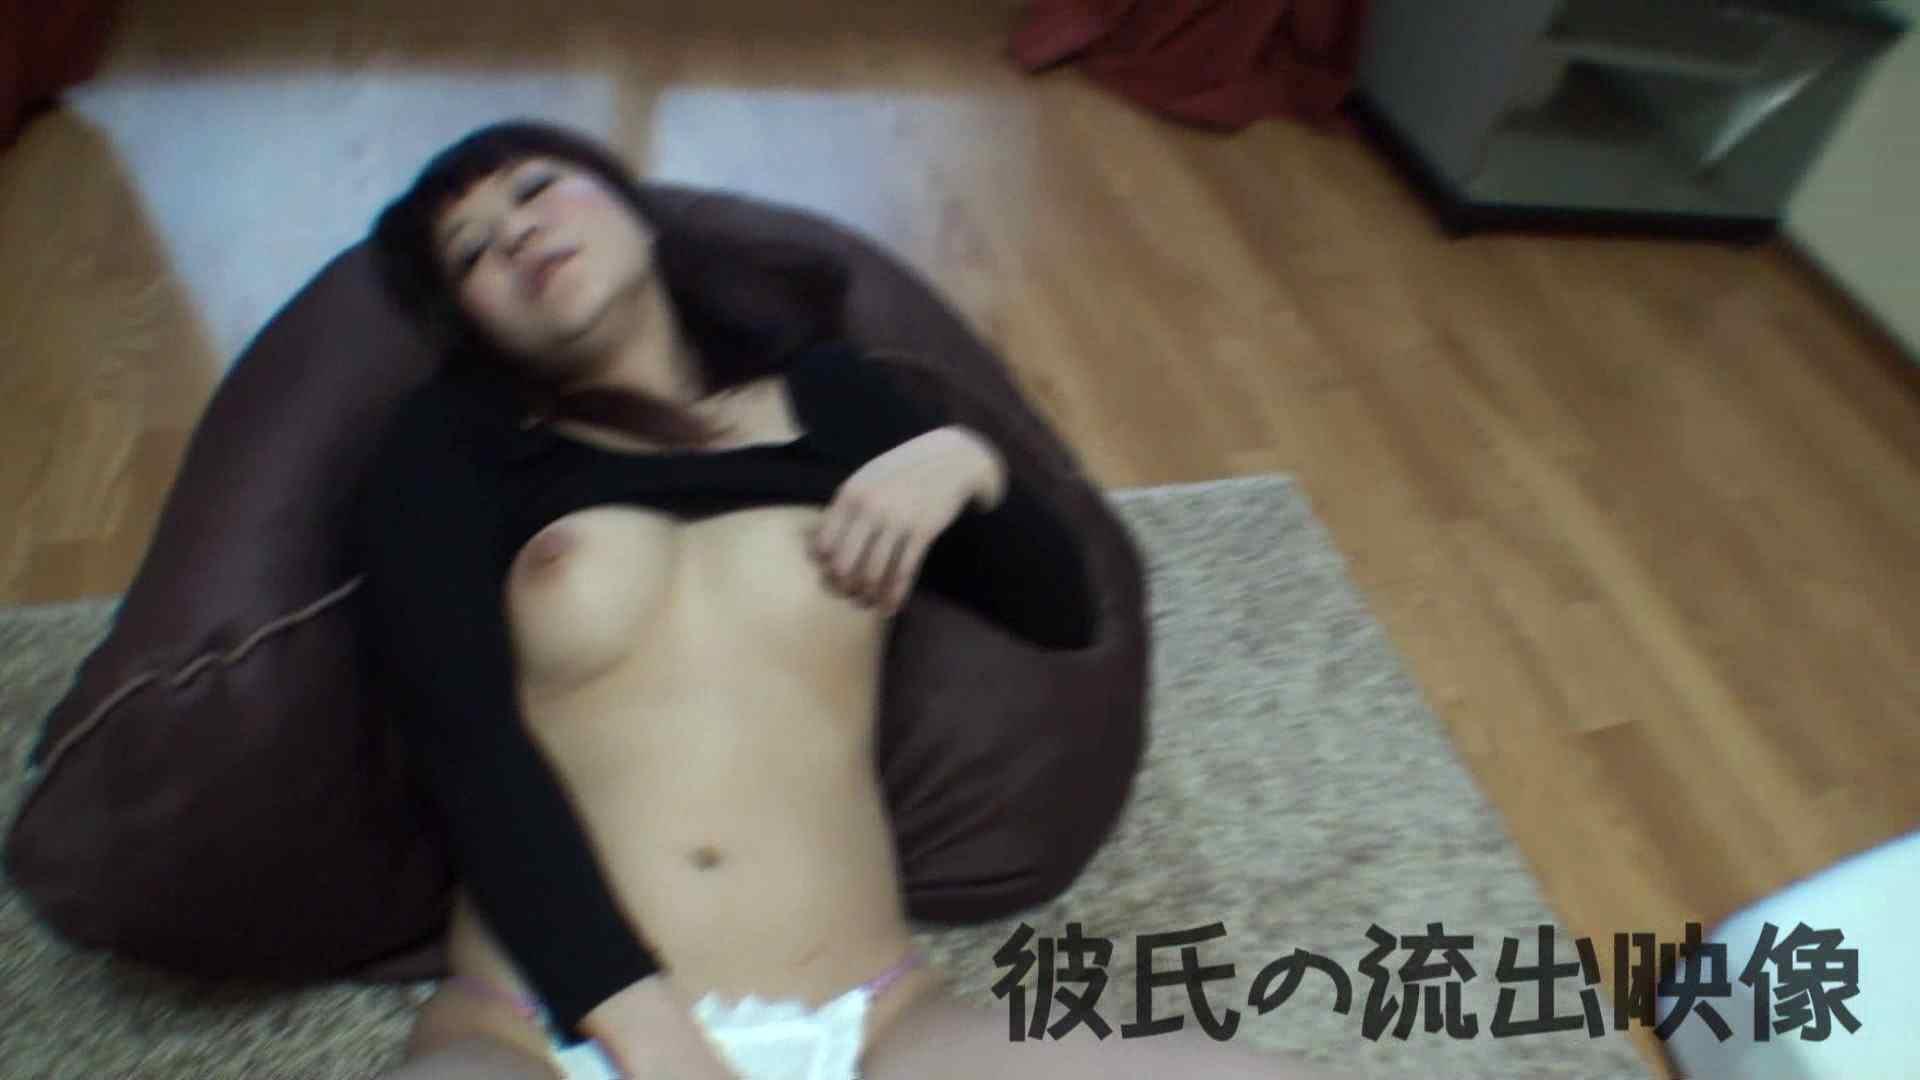 彼氏が流出 パイパン素人嬢のハメ撮り映像04 パイパン娘 | カップル記念日  62連発 31